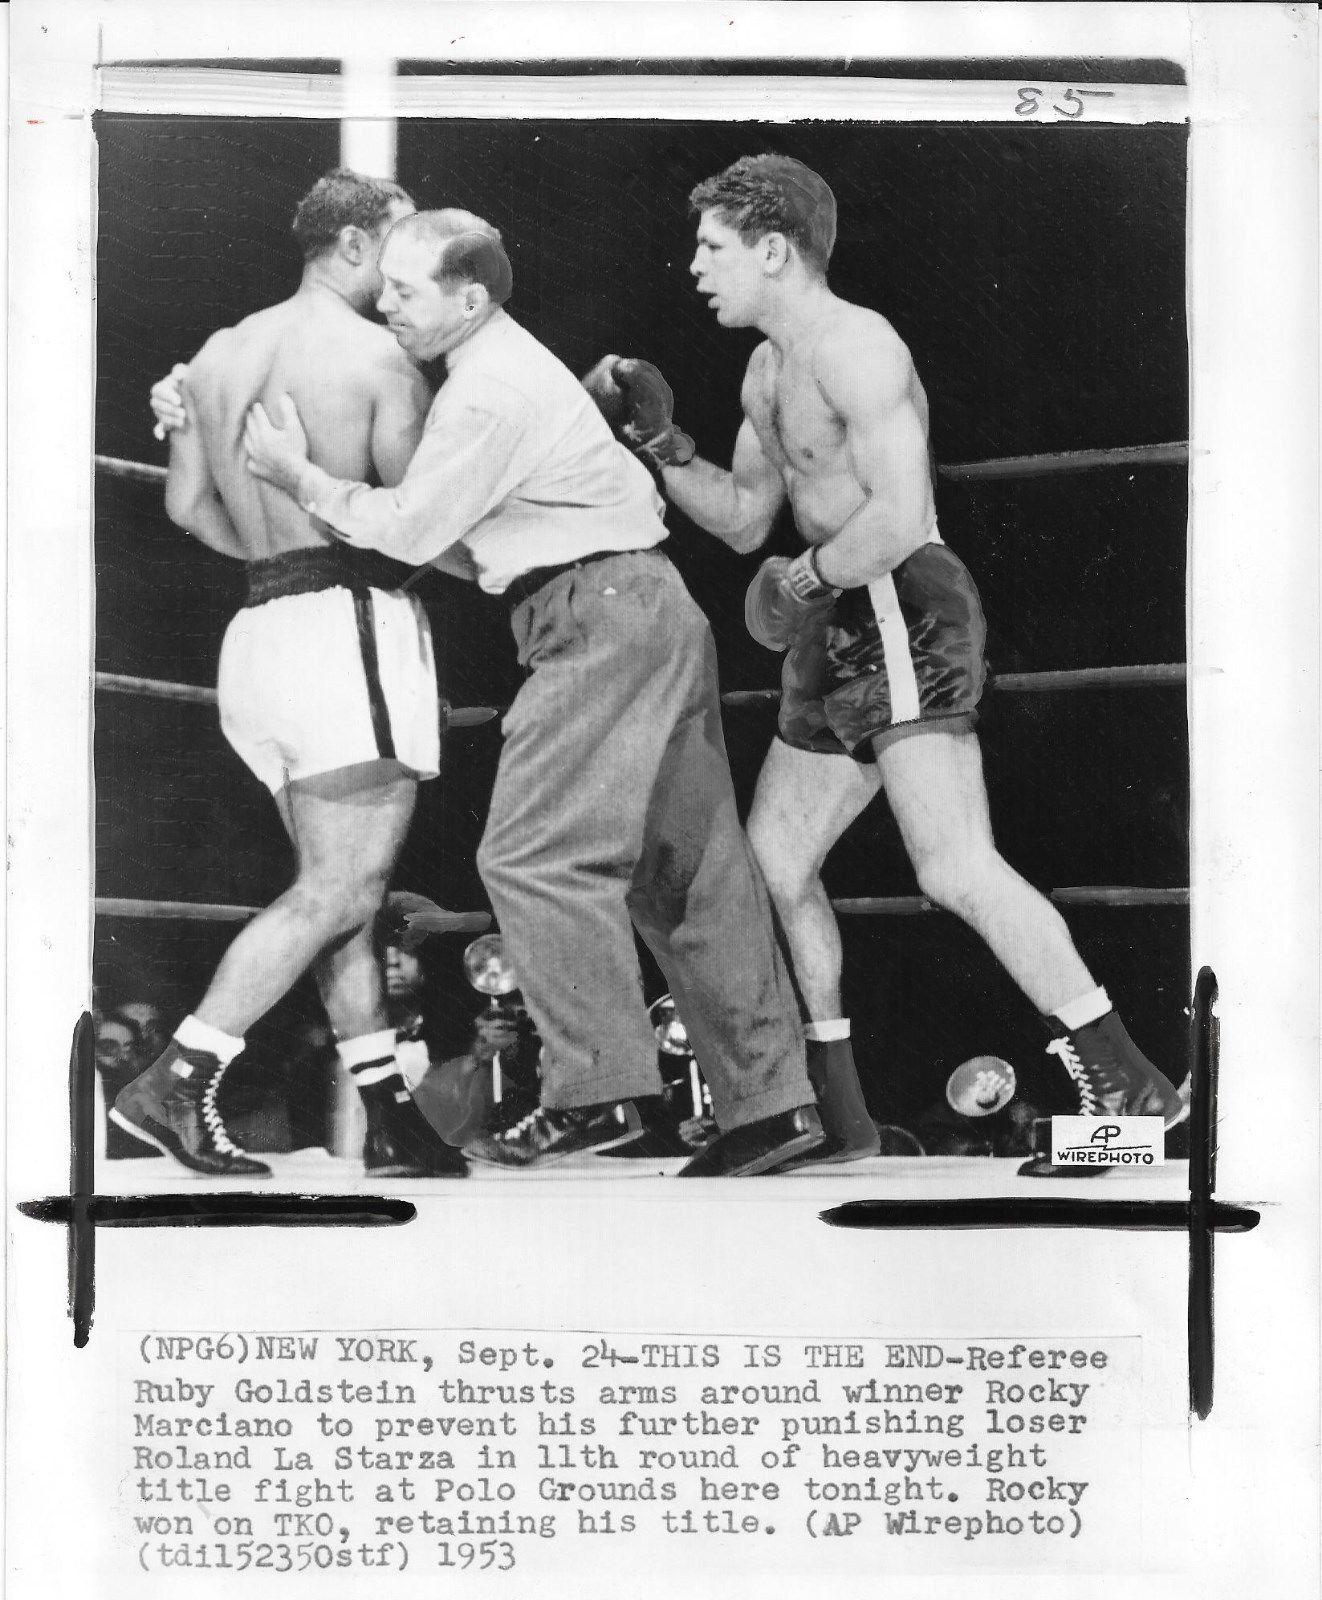 Rocky Marciano v Walcott Door Poster of program cover